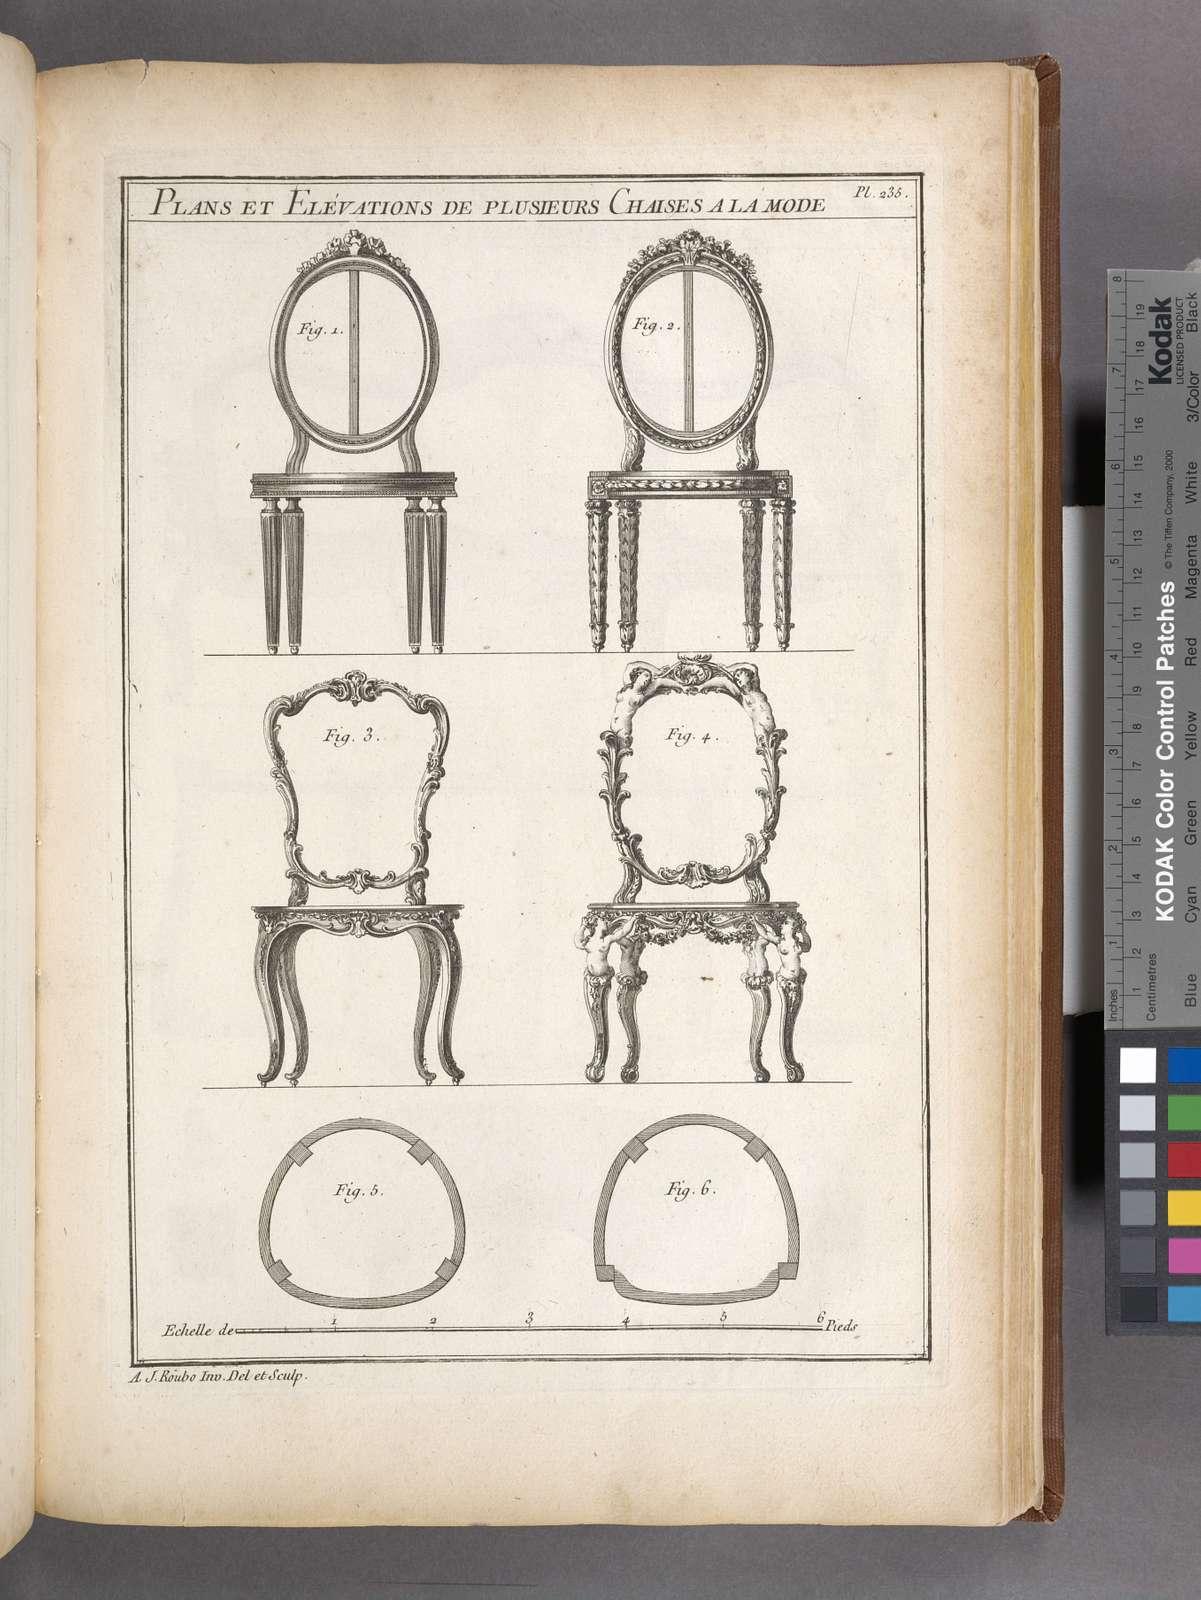 Plans et elévations de plusieurs chaises a la mode.